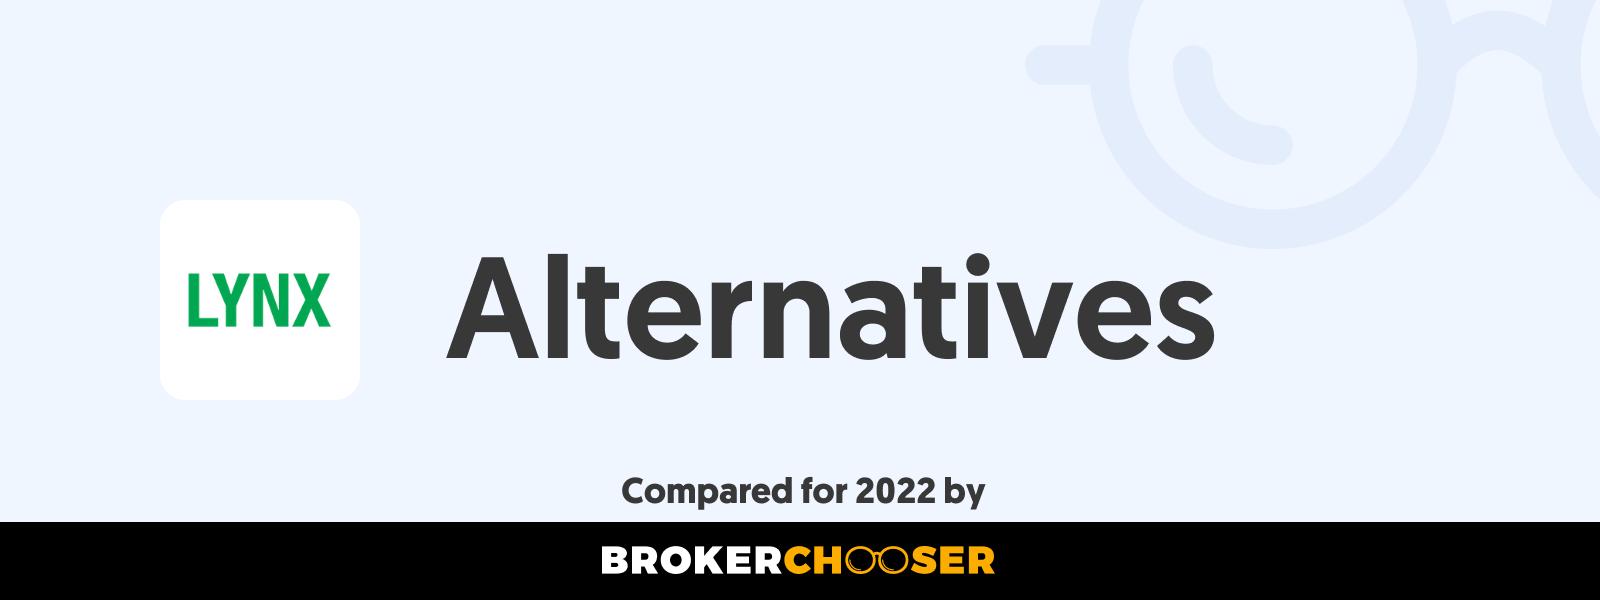 LYNX Alternatives